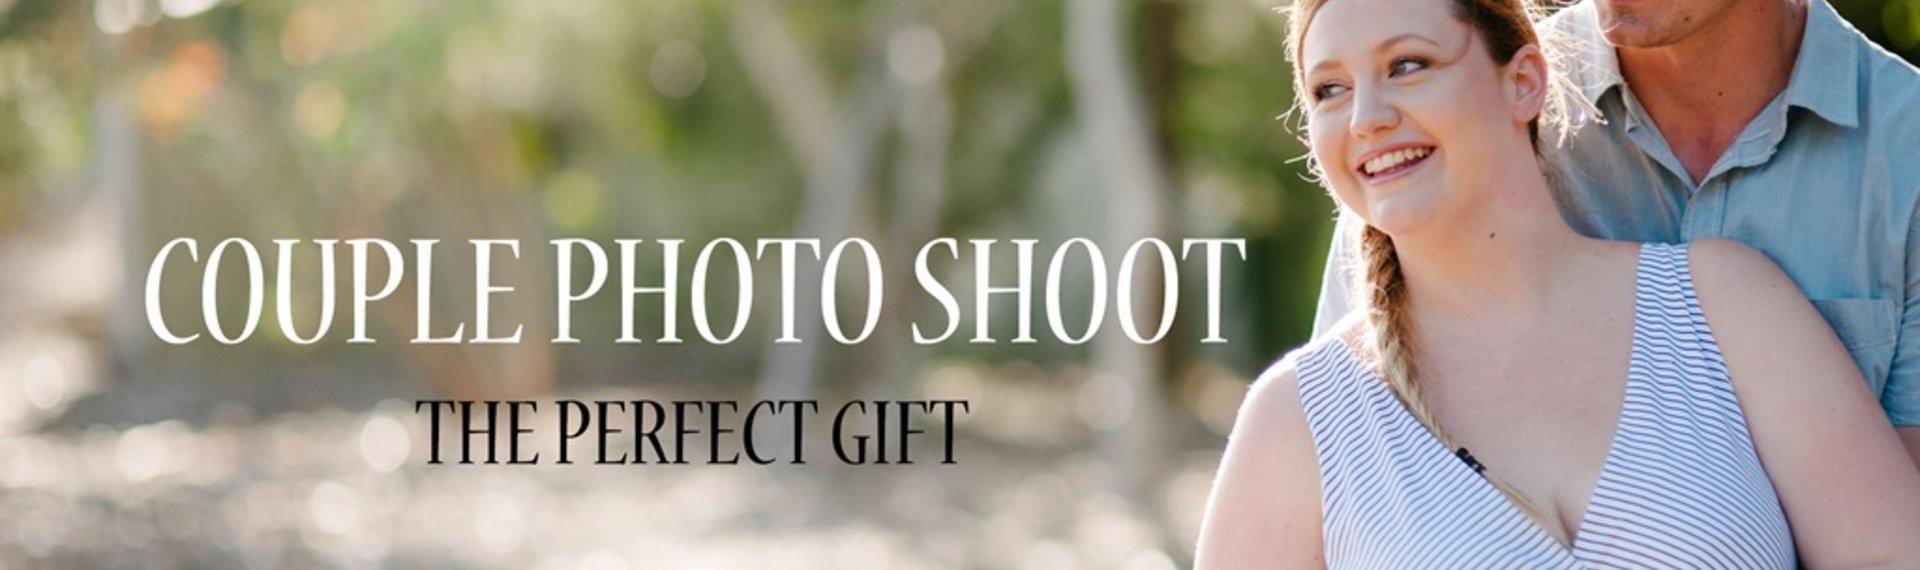 photo shoot Christmas gift